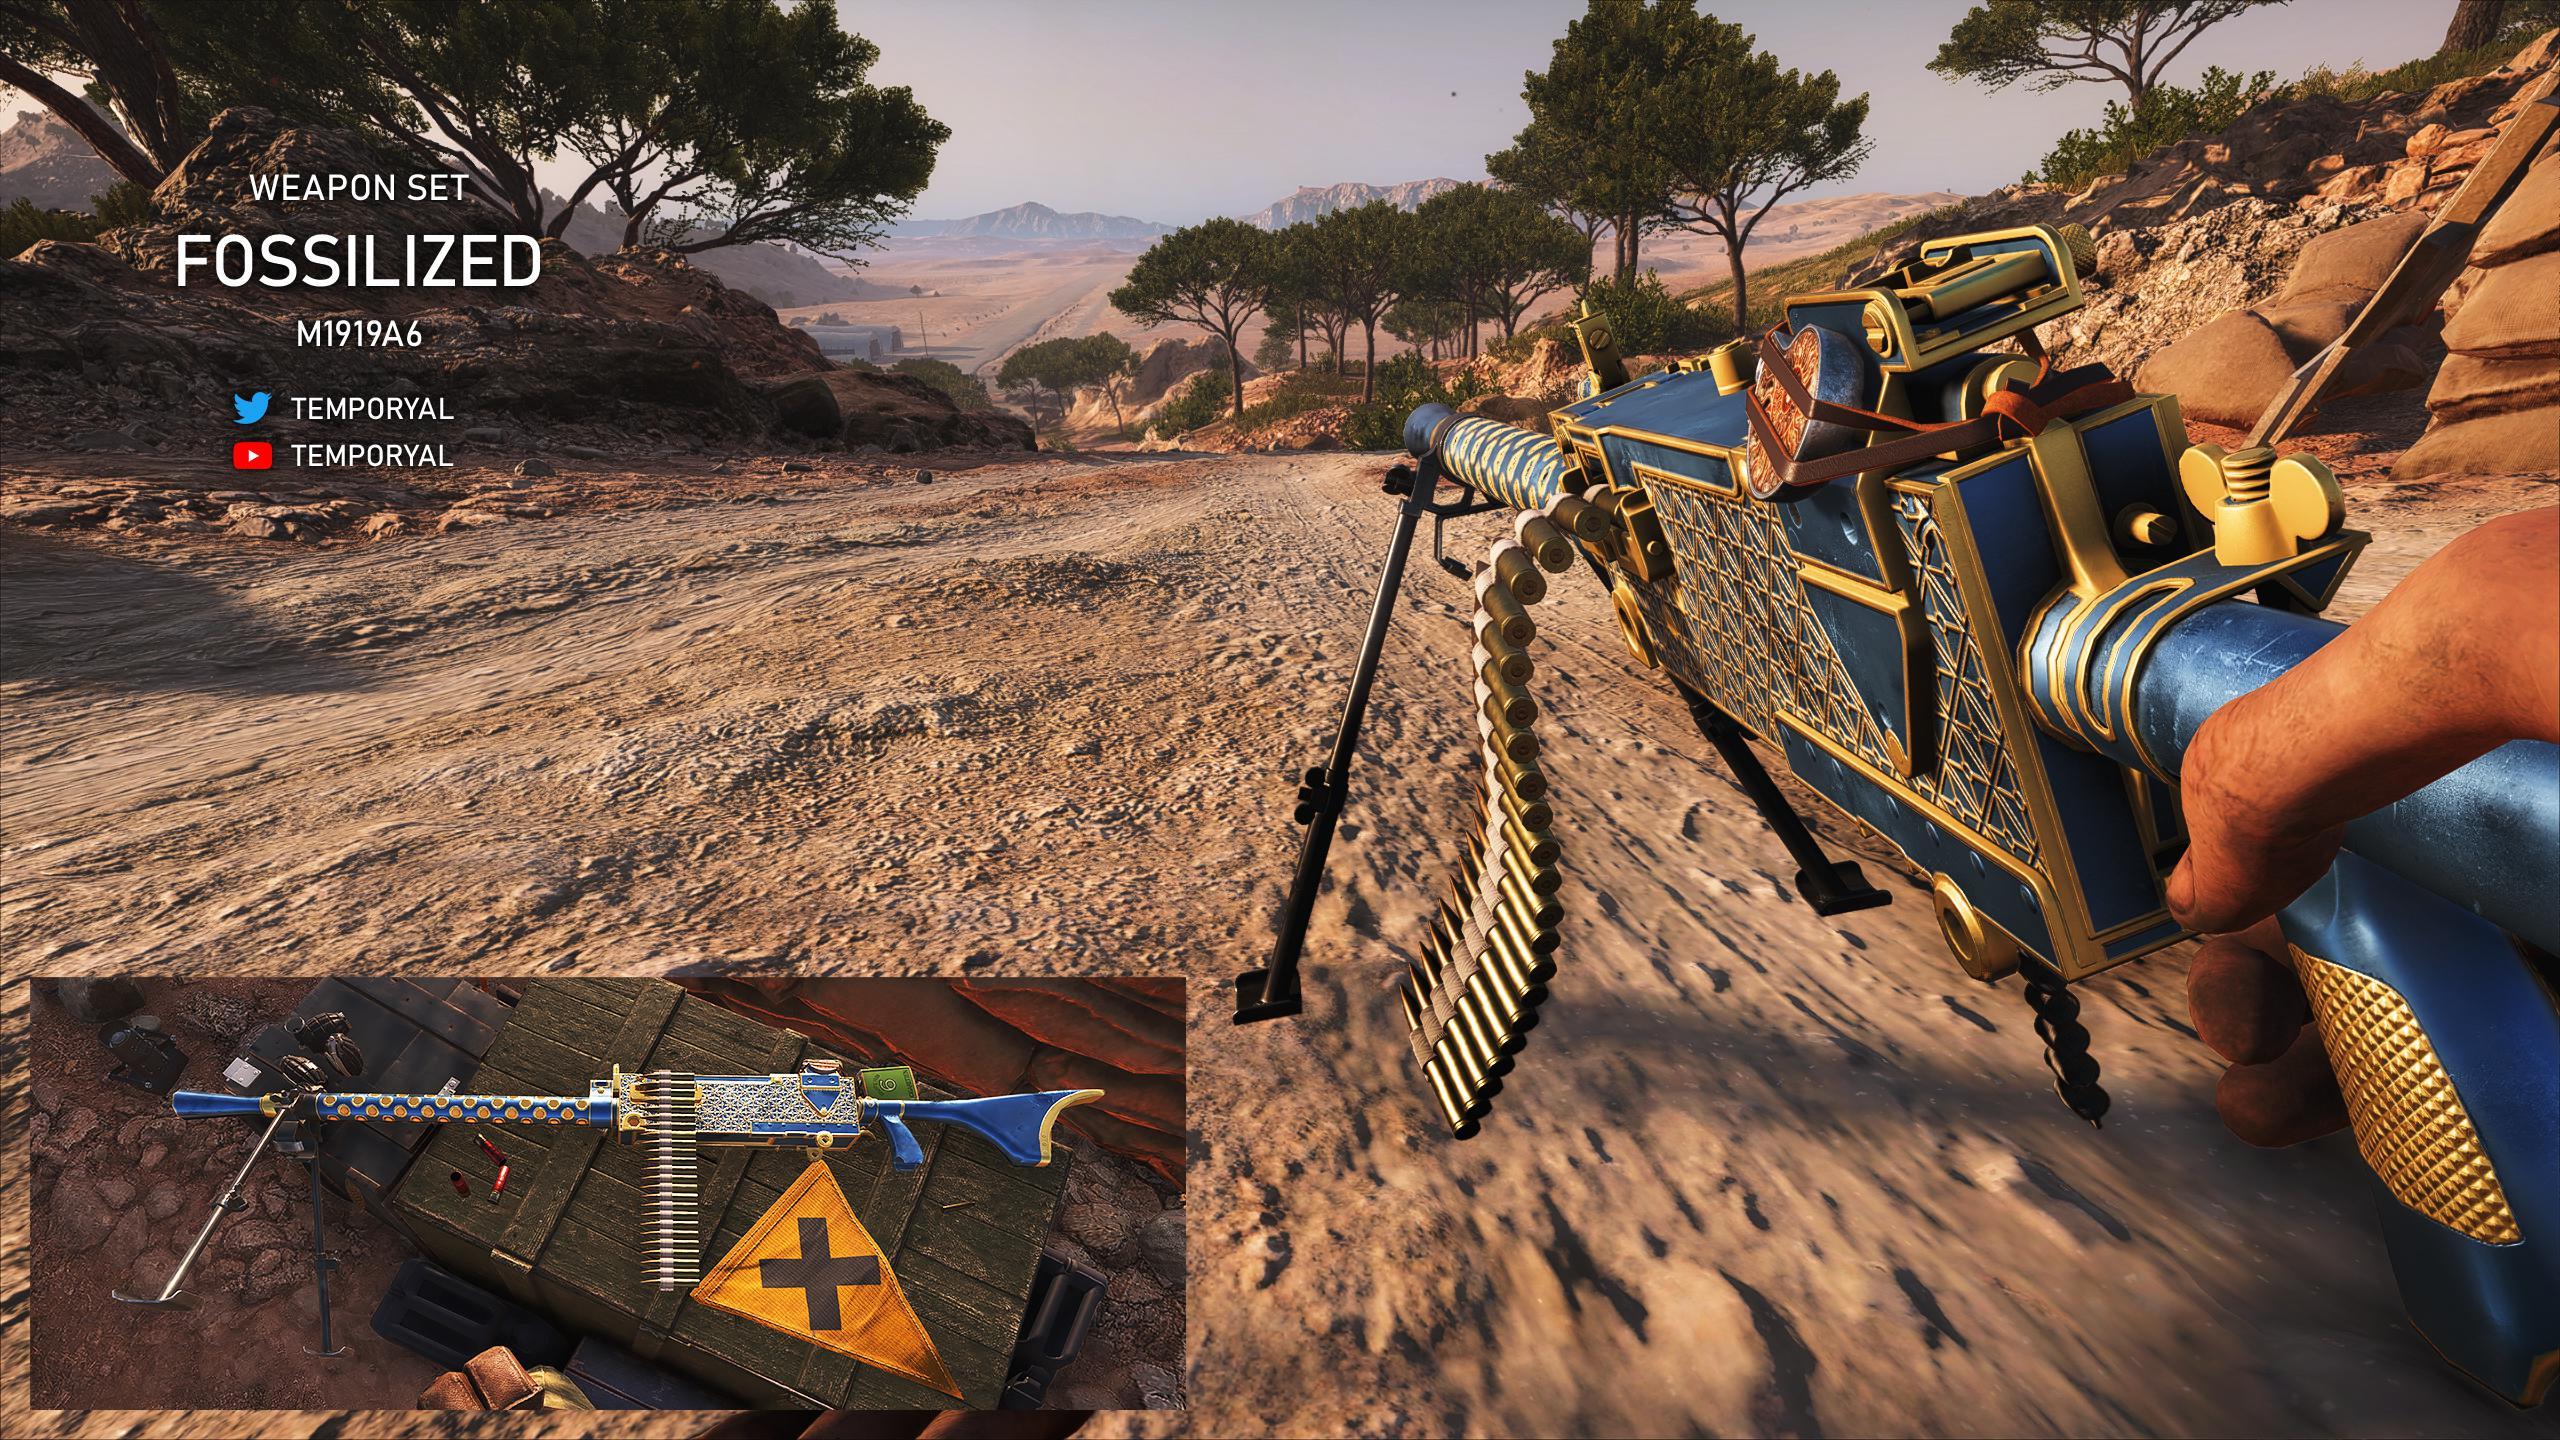 Battlefield 5 Leaks Reveal New Maps, Weapons & Chapter 5 Info